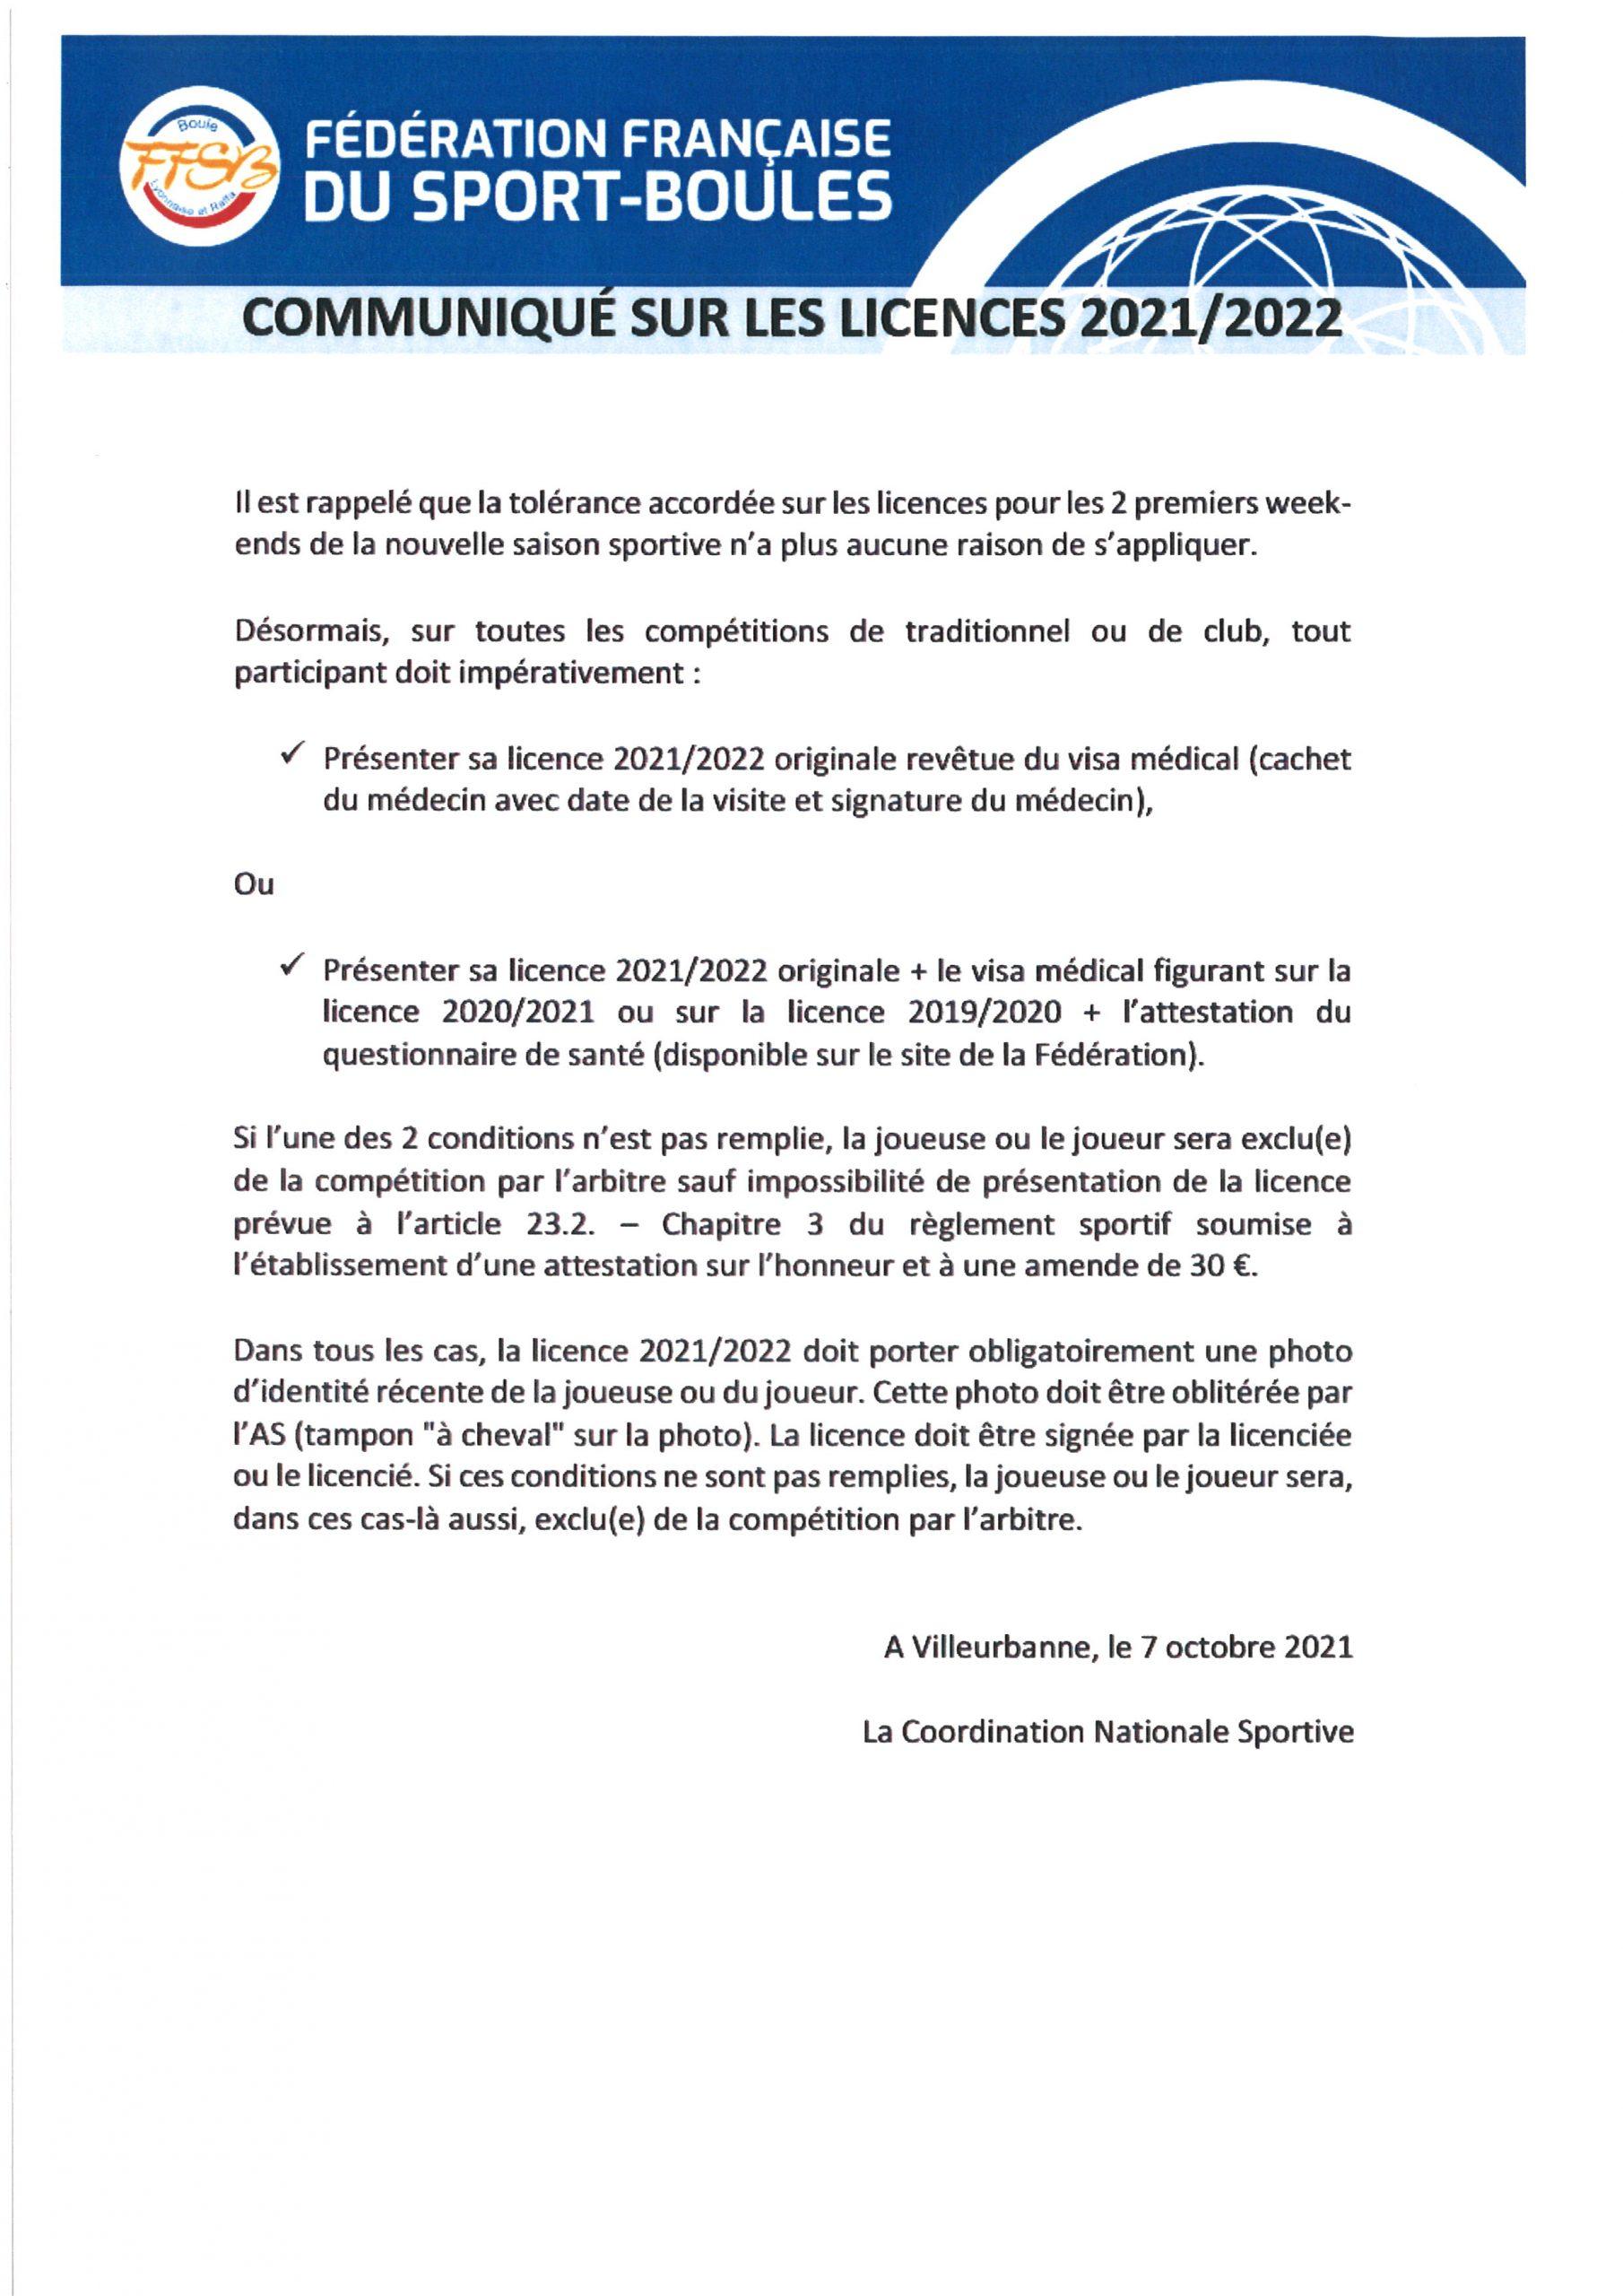 IMPORTANT RAPPEL Communiqué FFSB Licences